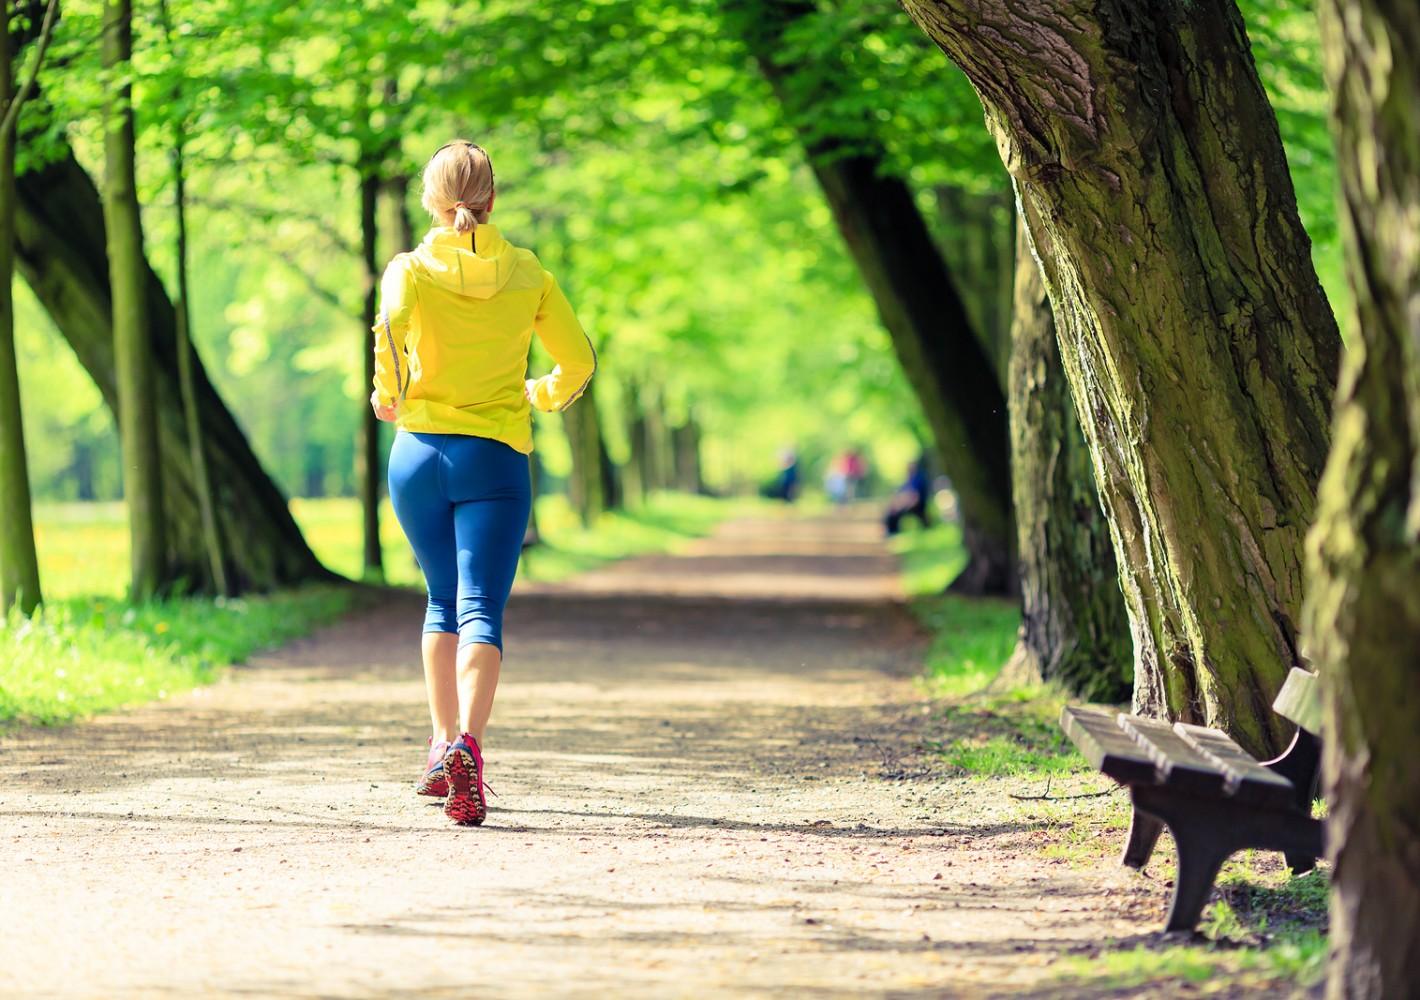 Kohti tehokkaampaa juoksua: Tehopaketti juoksijalle